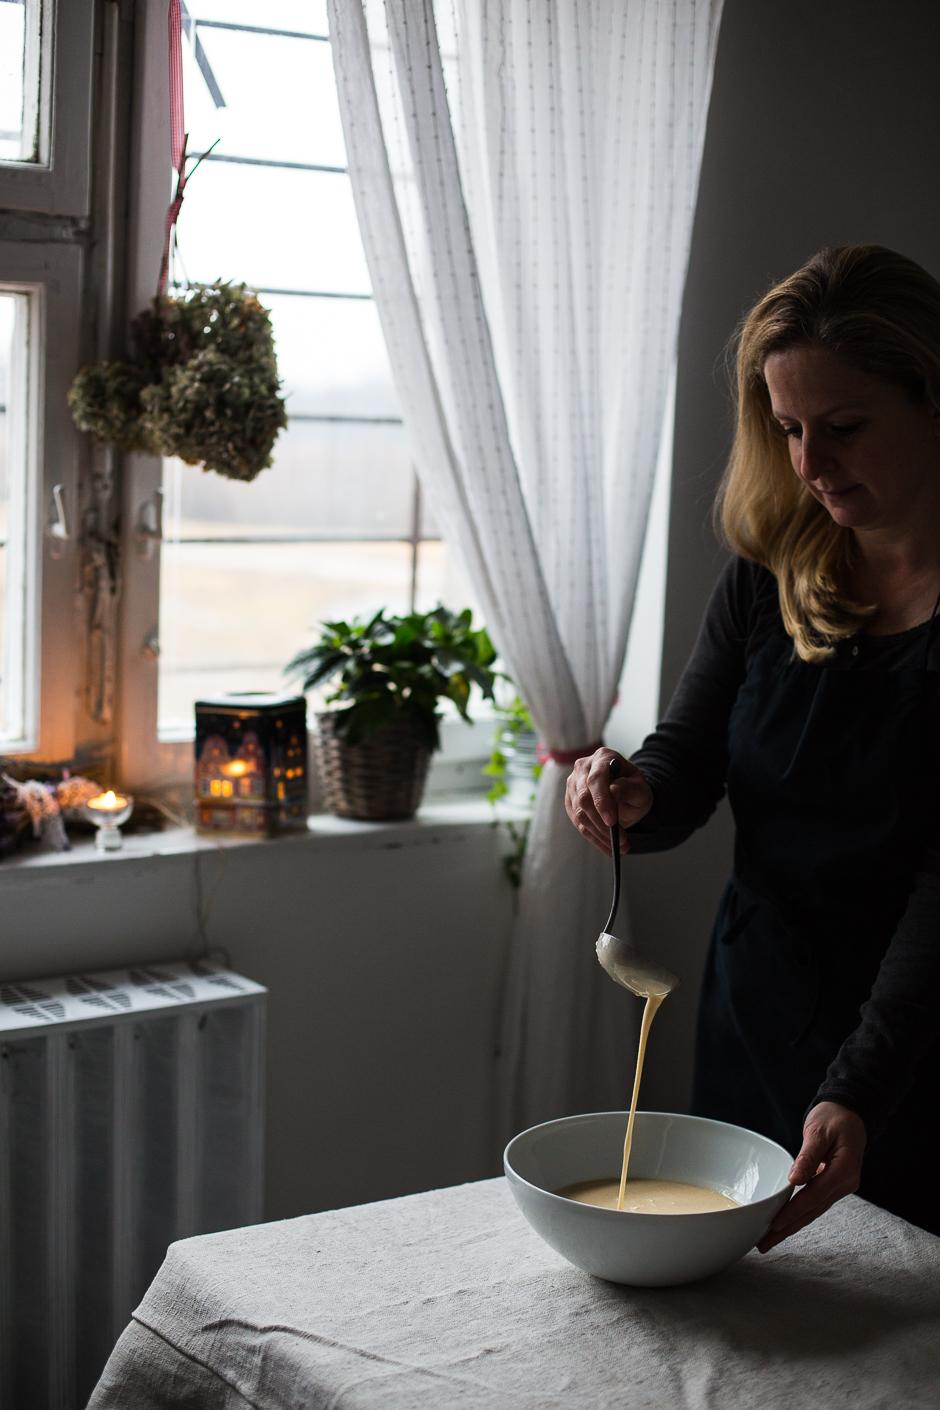 Mami palacsintája az Emlékek Íze konyhájából www.emlekekize.hu/palacsinta/